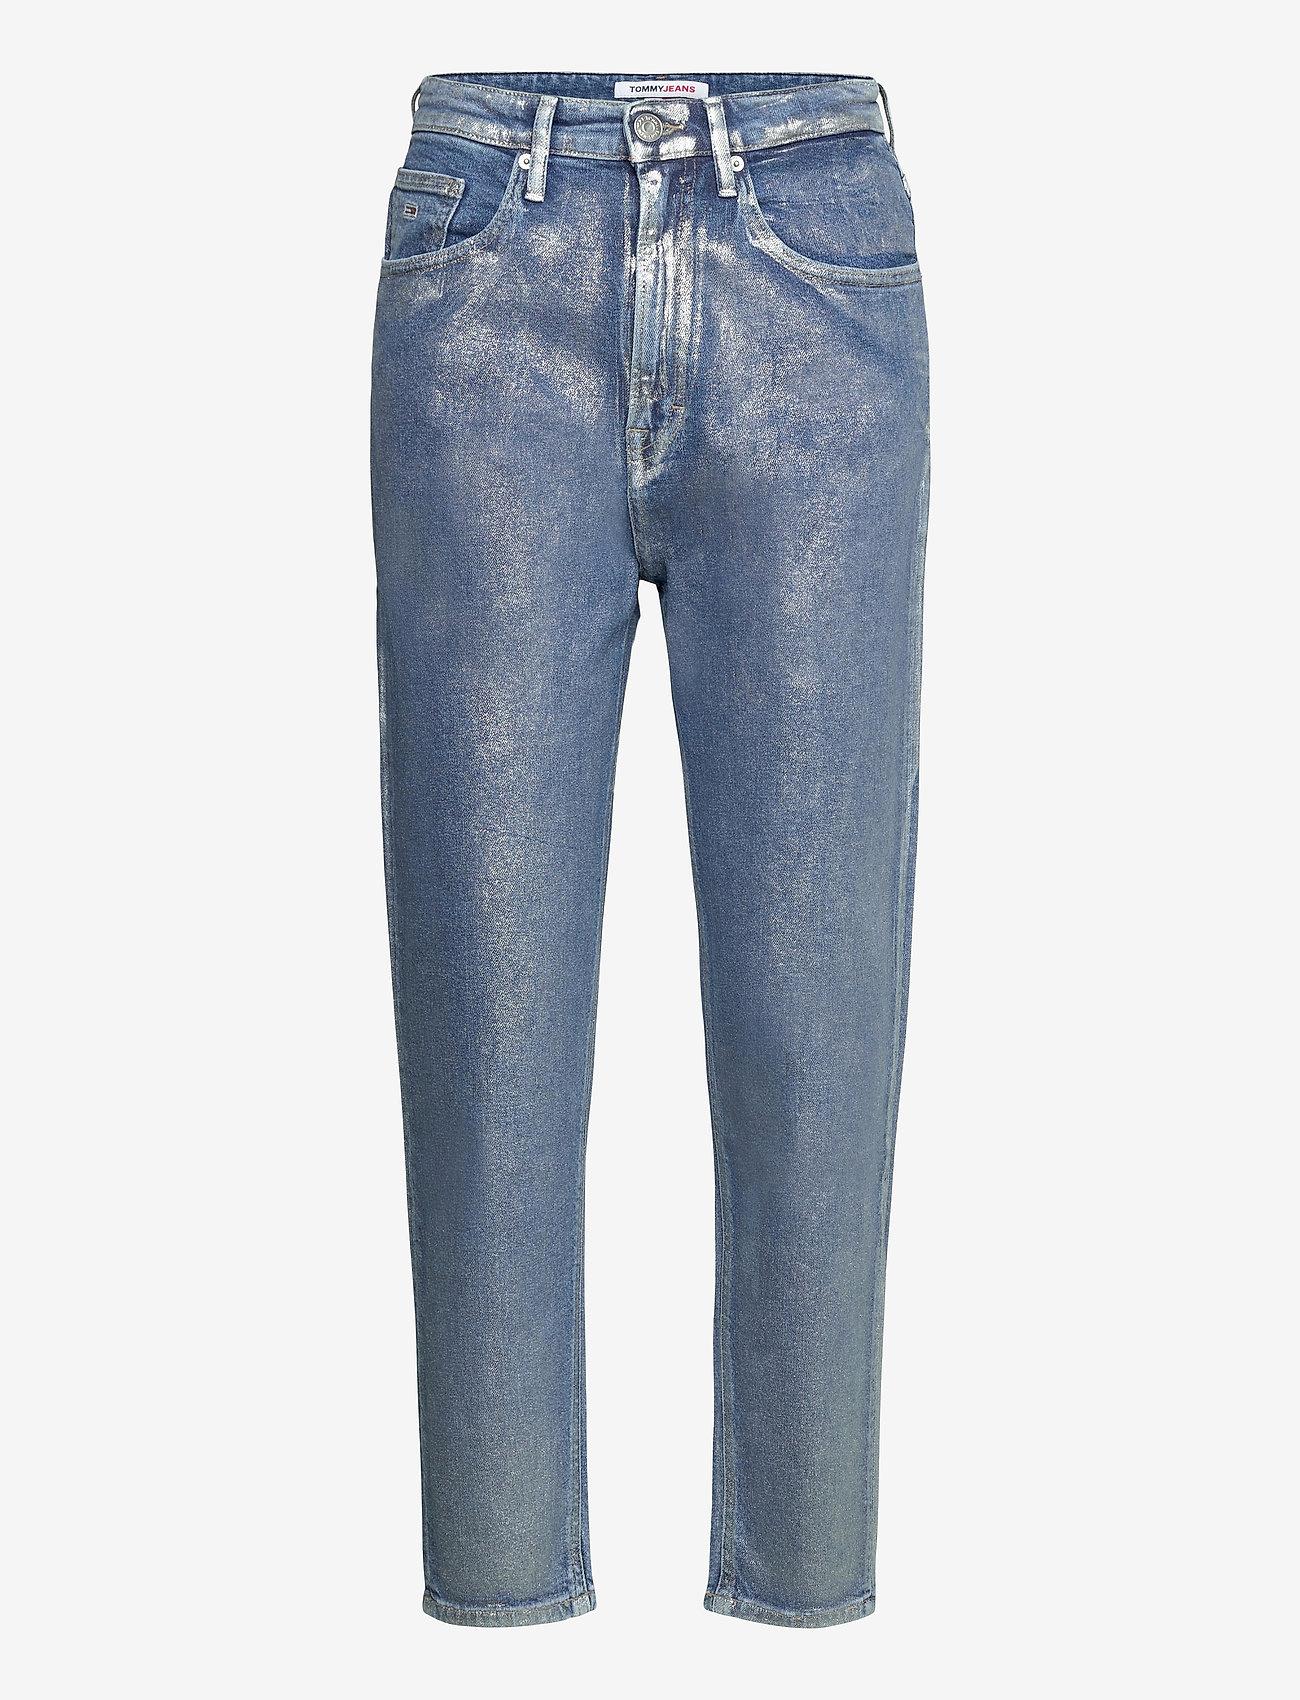 Tommy Jeans - MOM JEAN HR TPRD MTLC - mammajeans - metallic com - 0